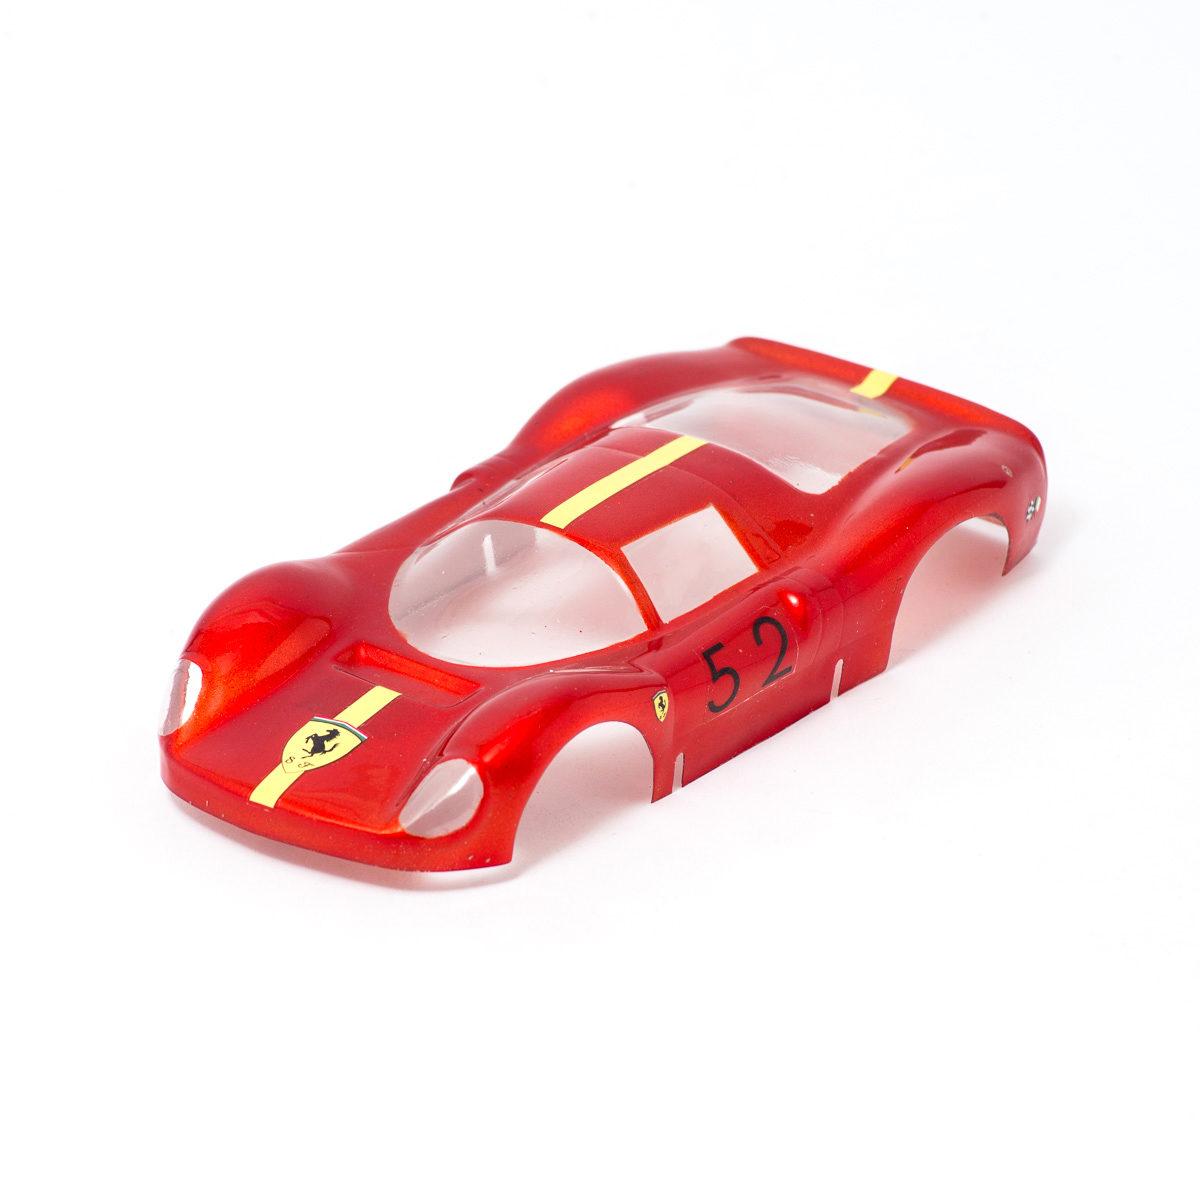 Carrozzeria Slot Car Ferrari 330 P3 1/24 per Policar Super